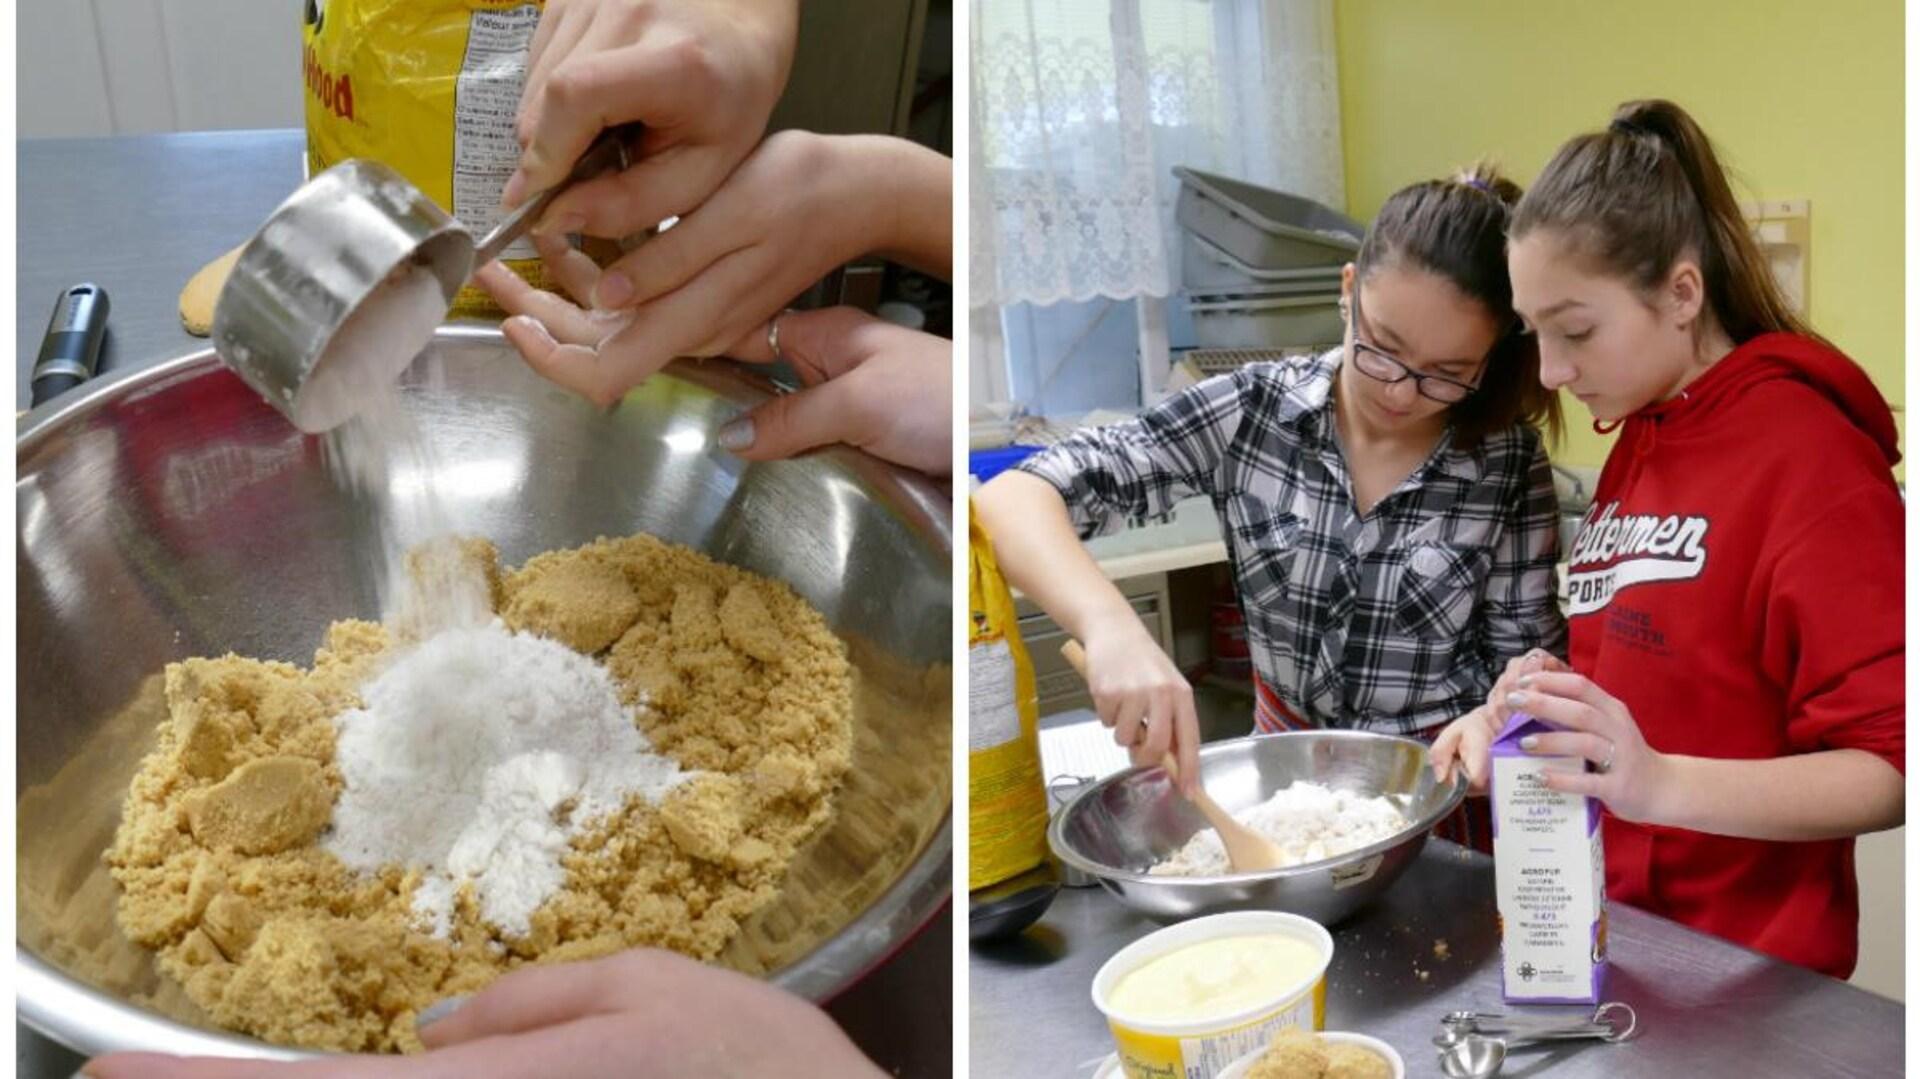 Dans la cuisine, Perle et Paris mélangent le sucre et la farine. Gros plan sur le plat de sucre brun et farine.